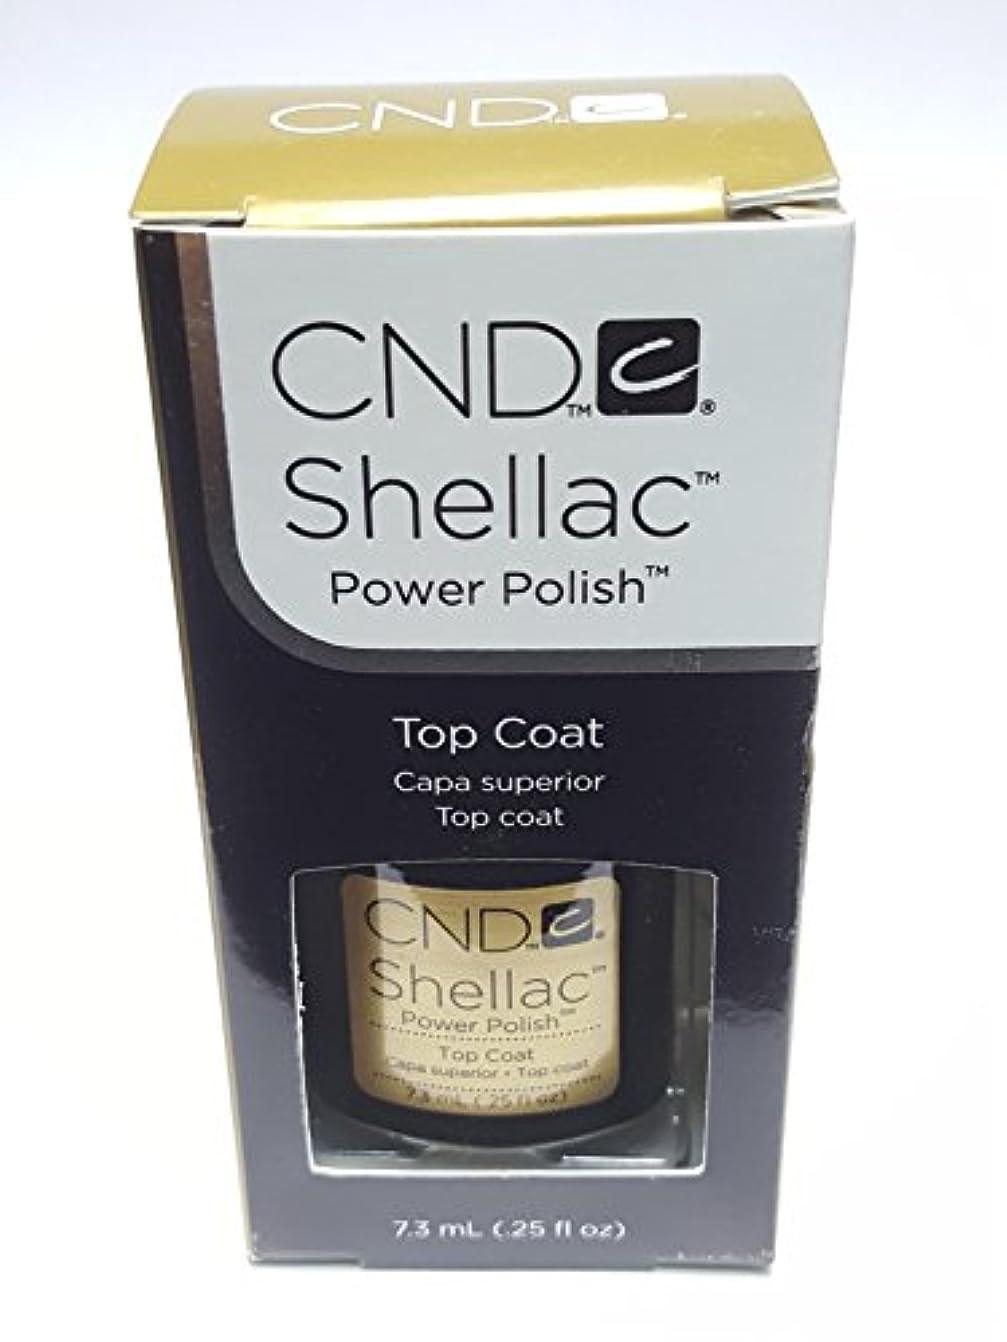 バレーボール不利ジュニアCND シーエヌディー shellac シェラック パワーポリッシュ UVトップコート 7.3ml 炭酸泉タブレット1個付き